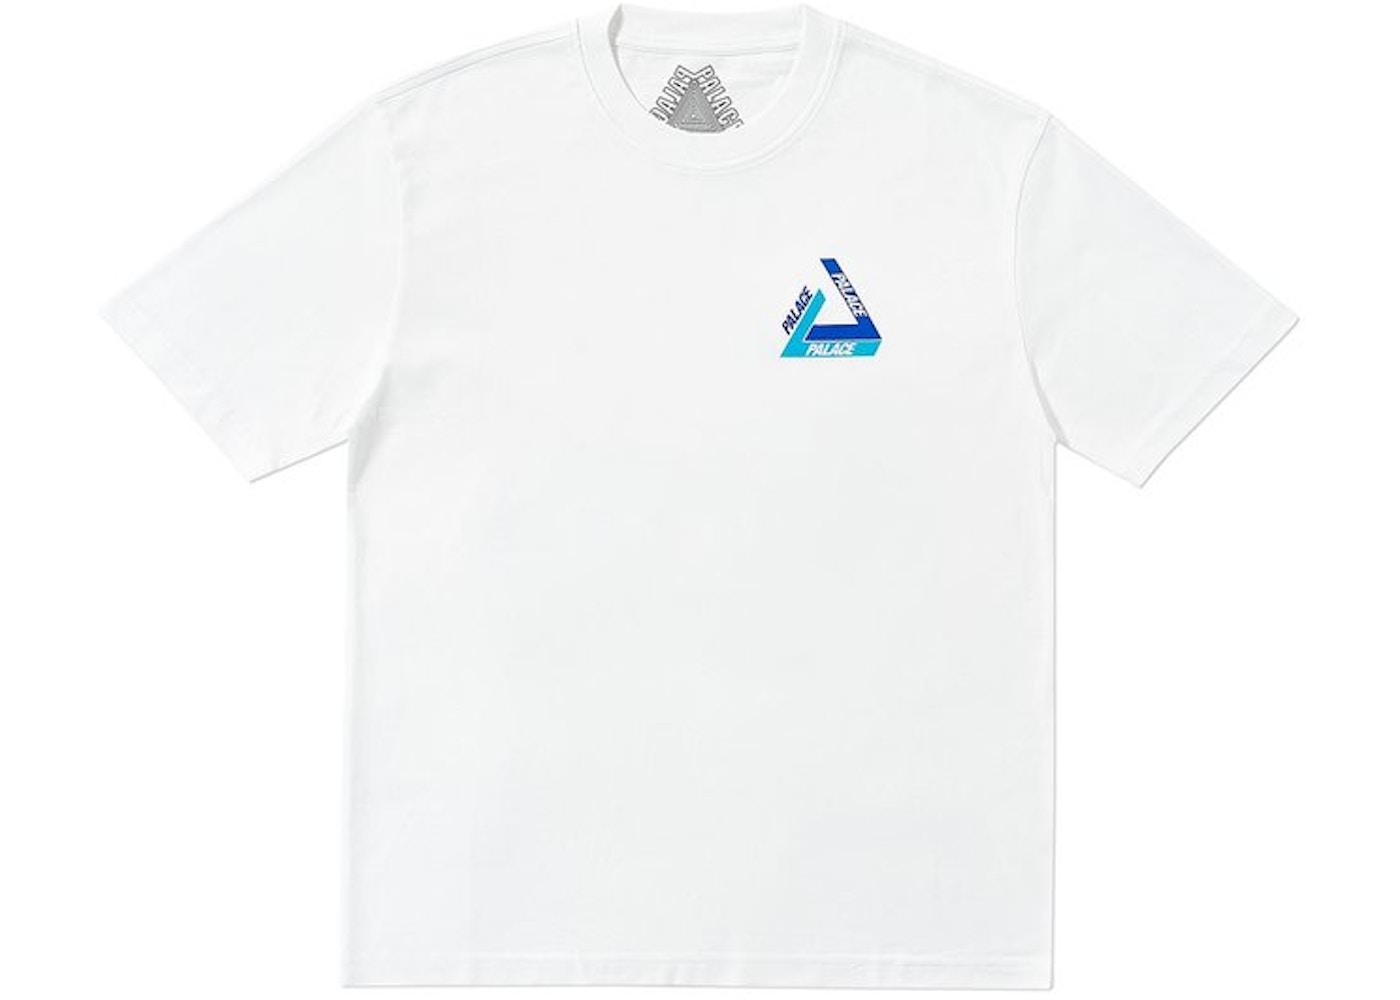 54d0a915c15c Palace Tri-Shadow T-Shirt White Blue. Tri-Shadow